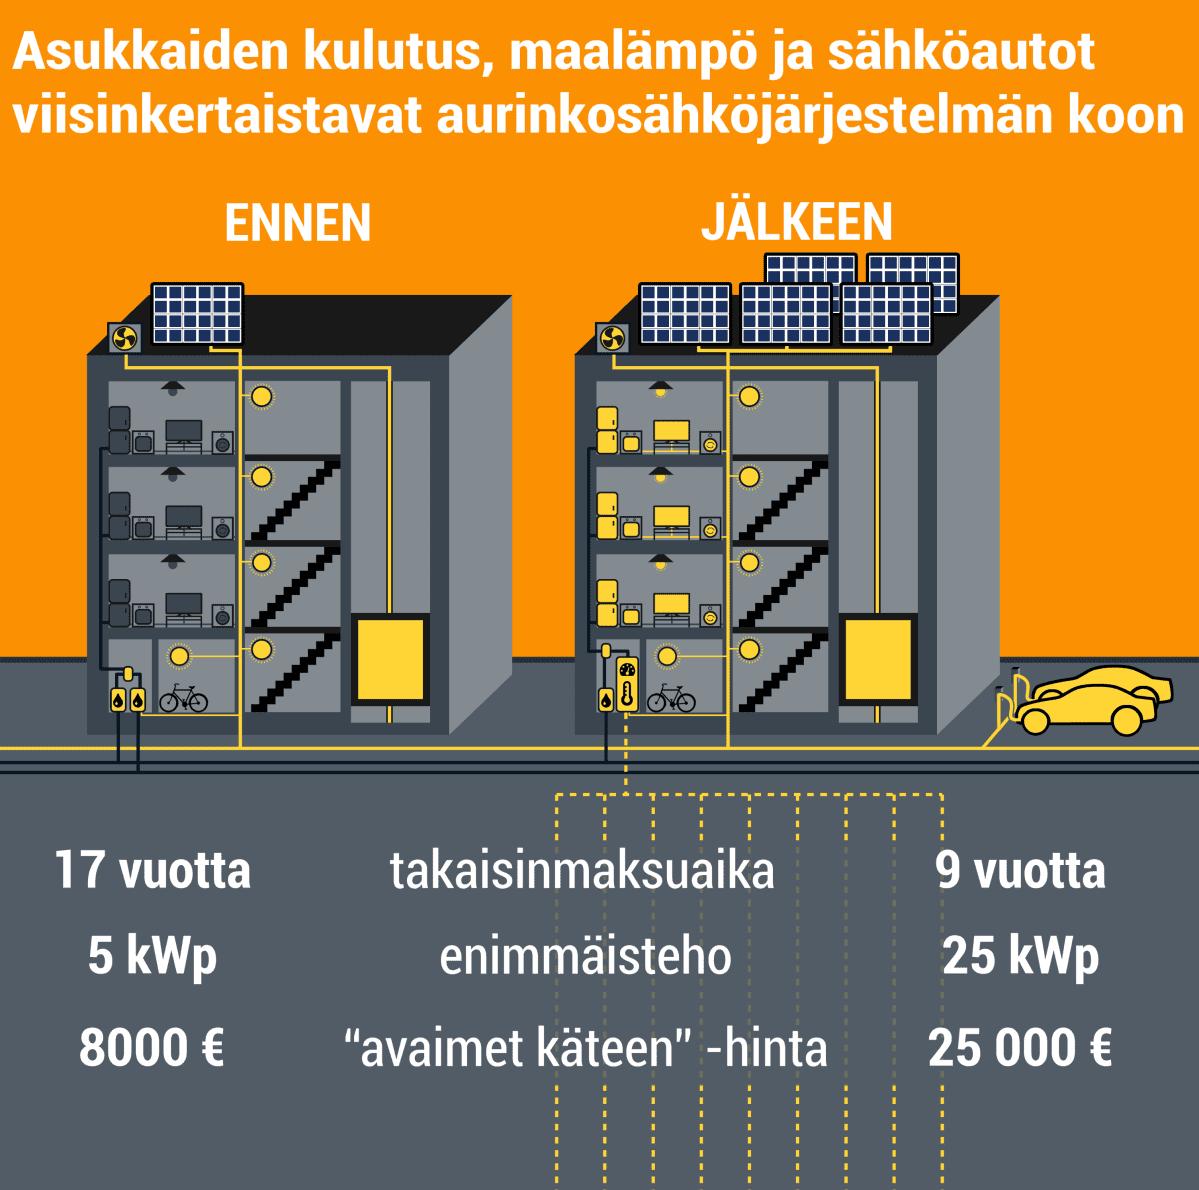 Asukkaiden kulutus, maalämpö ja sähköautot viisinkertaistavat aurinkosähkönjärjestelmän koon. Vain kiinteistösähköön tarkoitettu aurinkosähköjärjestelmä on teholtaan 5 kilowattia, maksaa 8000 euroa ja sen takaisinmaksuaika on 17 vuotta. Jos mukaan otetaan asukkaiden kulutus, maalämpöpumppu ja sähköautot, teho on 25 kilowattia, hinta 25000 euroa ja takaisinmaksuaika 9 vuotta.